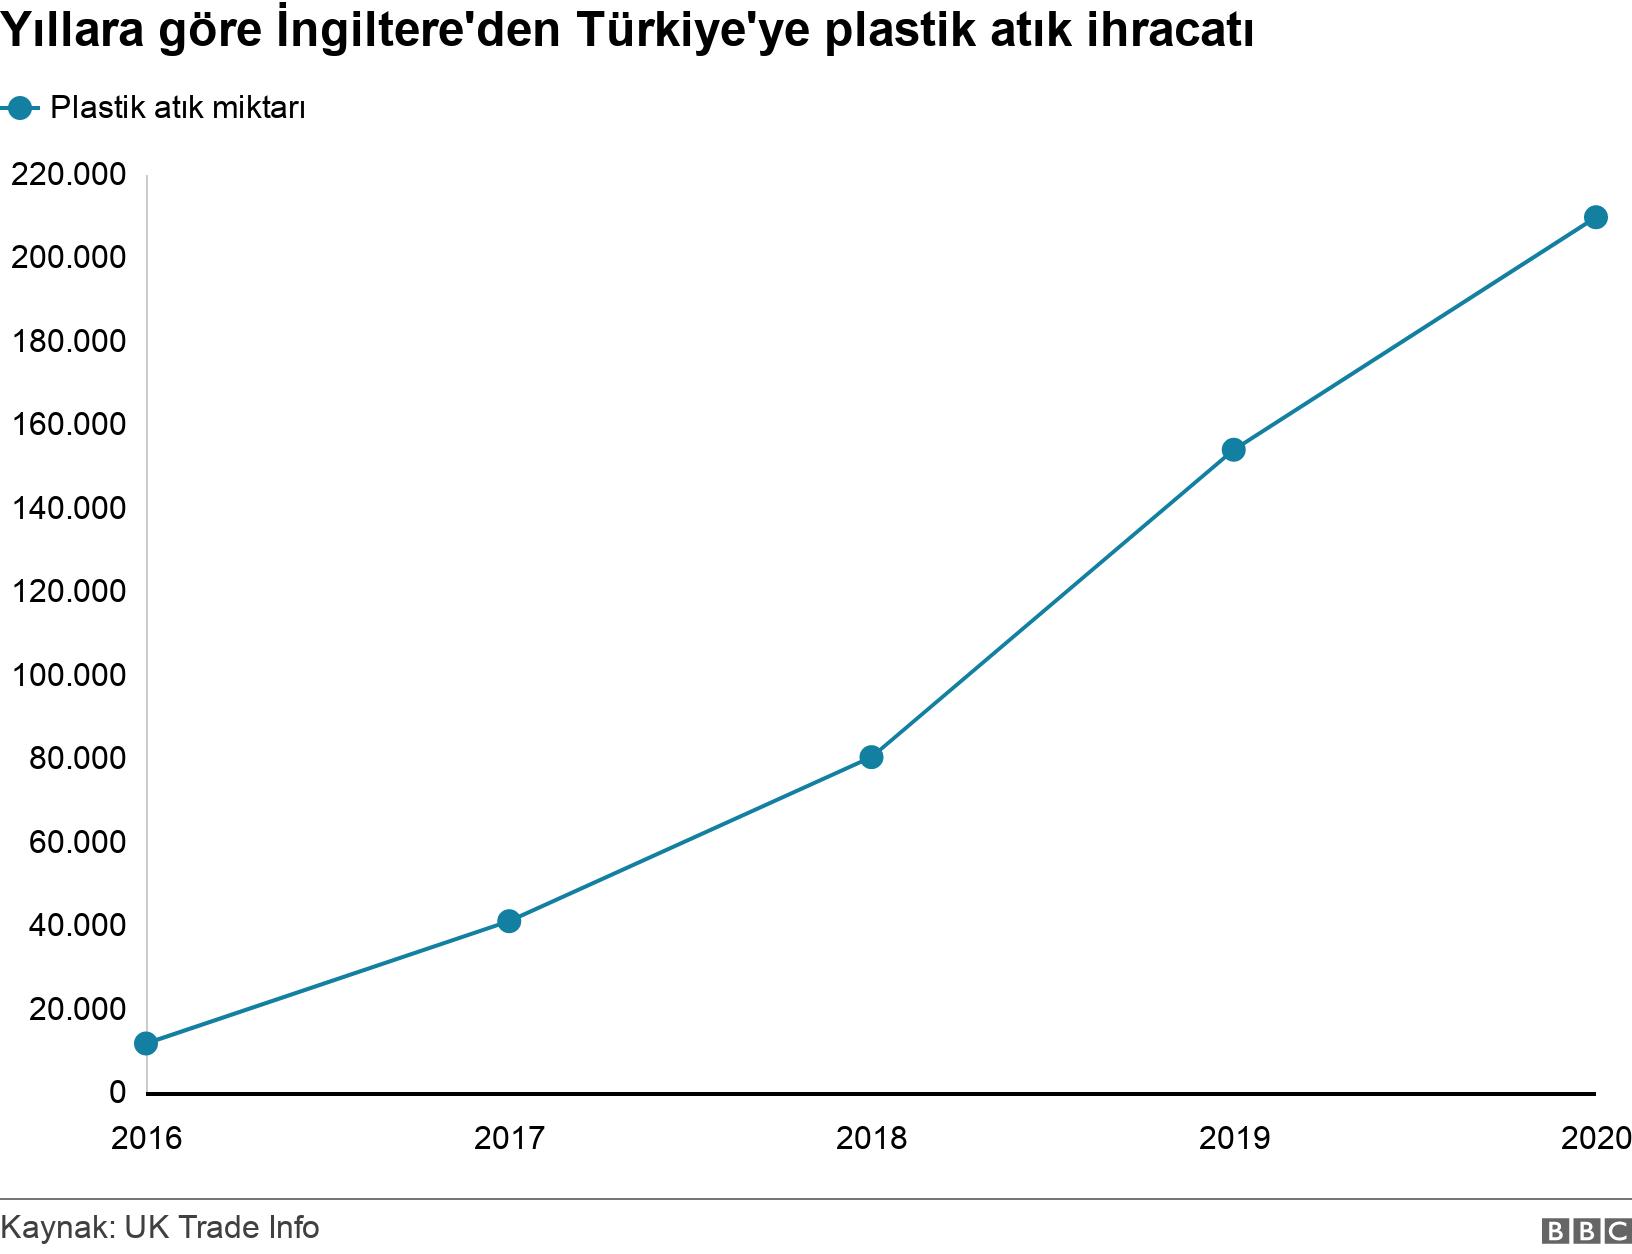 Yıllara göre İngiltere'den Türkiye'ye plastik atık ihracatı. . .